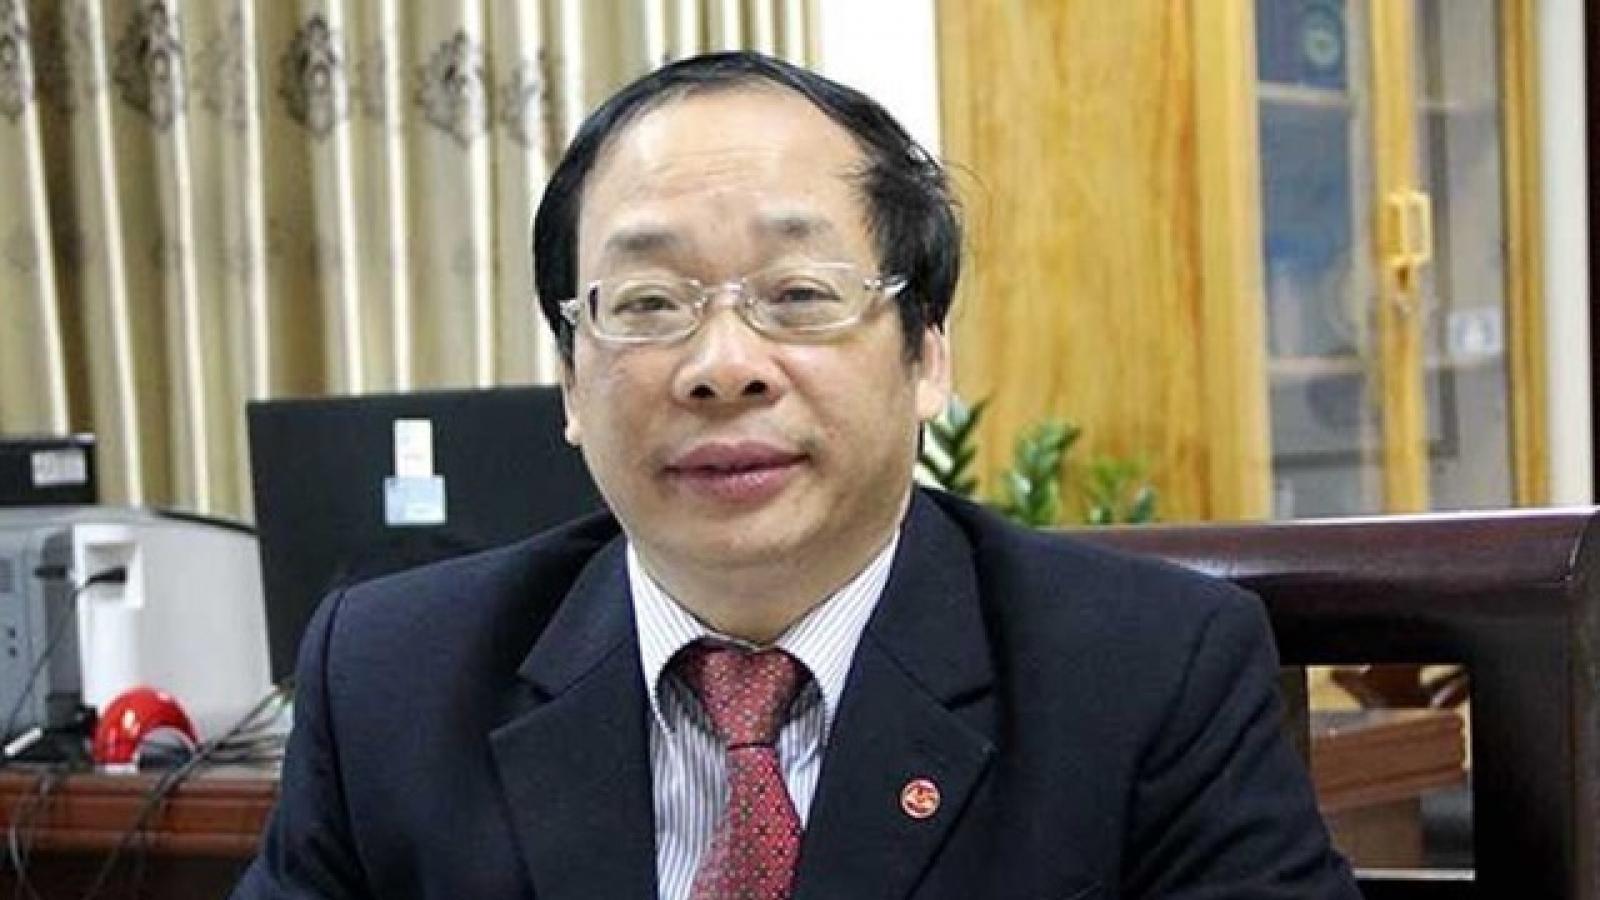 Lời cảm ơn của Ban tổ chức Lễ tang và gia đình cố PGS.TS. Lưu Văn An